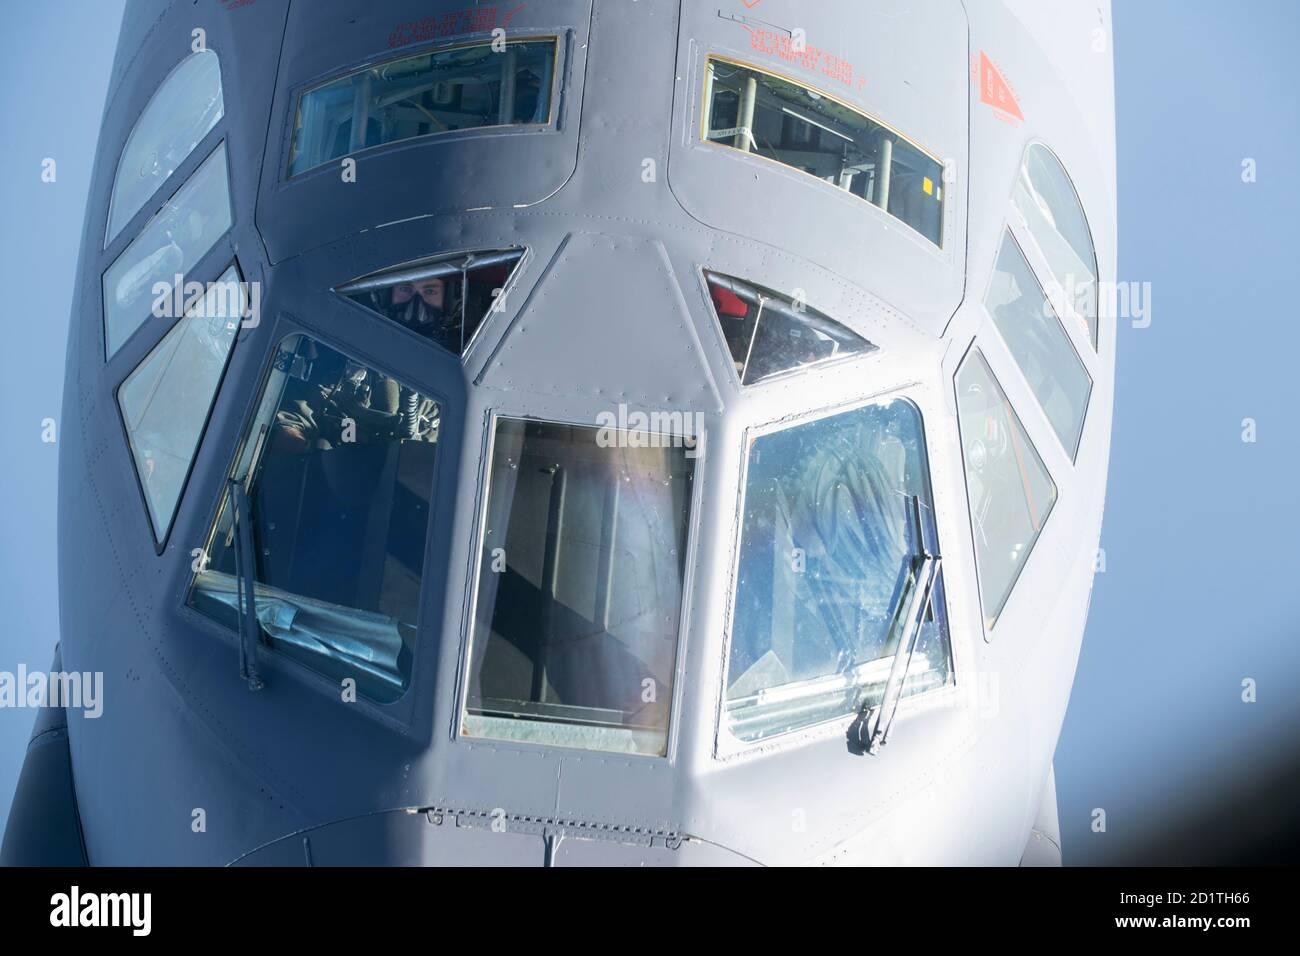 Un pilote de la Force aérienne américaine B-52H Stratofortress, affecté à la 5e Escadre Bomb de la base aérienne de Minot, Dakota du Nord, observe le boom du ravitaillement avant d'entrer en contact avec un KC-135 Stratotanker de la 100e Escadre du ravitaillement en carburant, RAF Mildenhall, Angleterre, Au-dessus de la mer Méditerranée à l'appui d'une mission de la Force opérationnelle pour bombardiers en Europe, 16 septembre 2020. Les Stratotankers sont déployés à RAF Fairford, en Angleterre, pour soutenir une formation conjointe et combinée avec les alliés et partenaires des États-Unis. (É.-U. Photo de la Force aérienne par Jennifer Zima) Banque D'Images